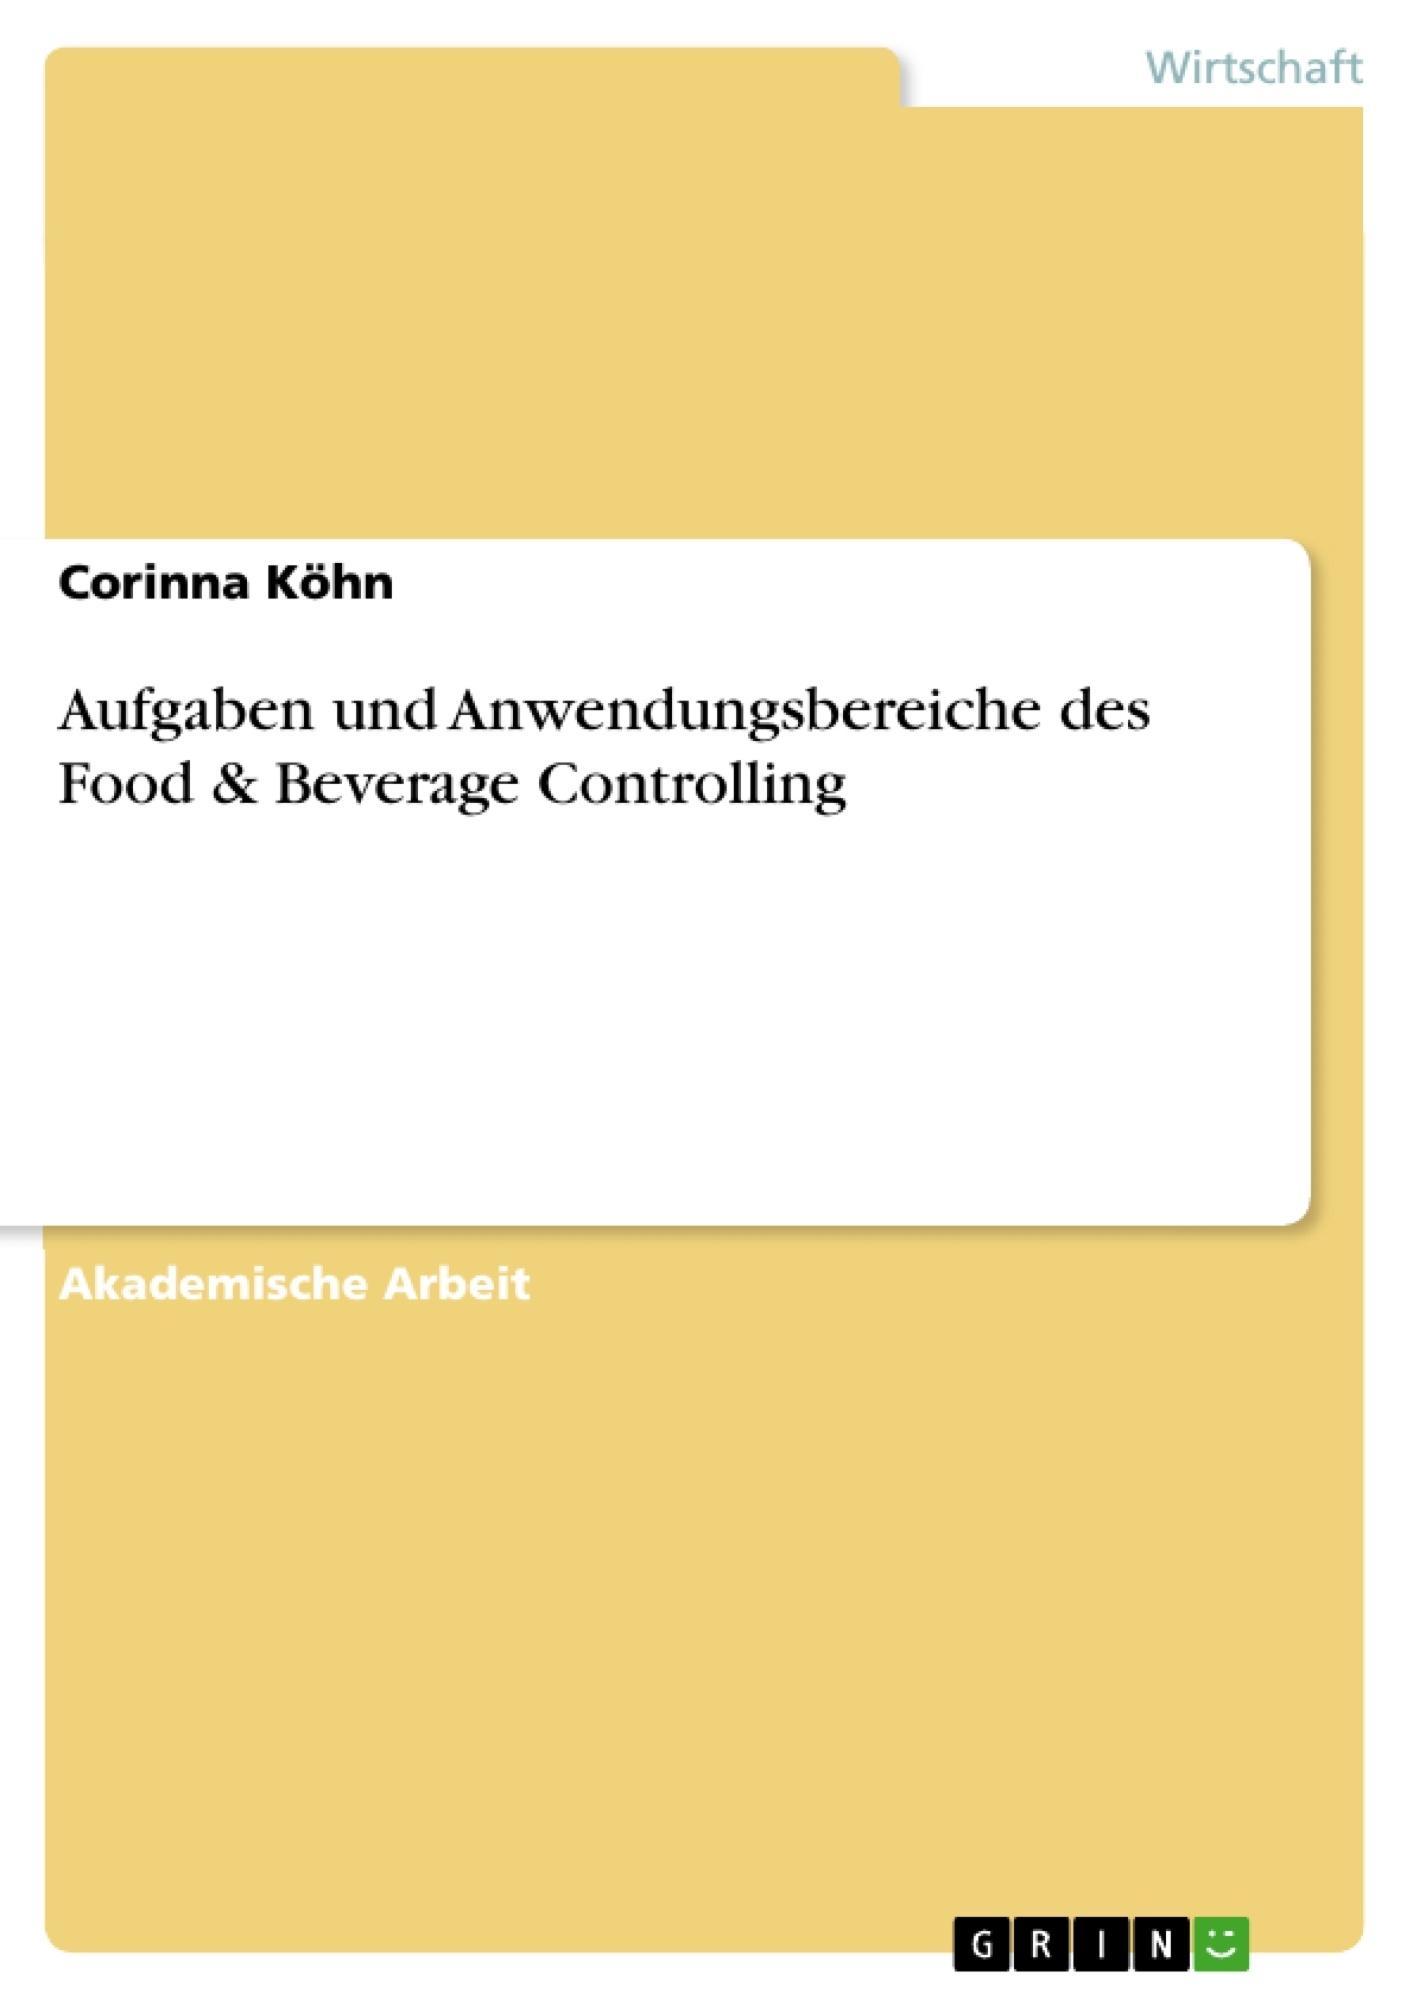 Titel: Aufgaben und Anwendungsbereiche des Food & Beverage Controlling